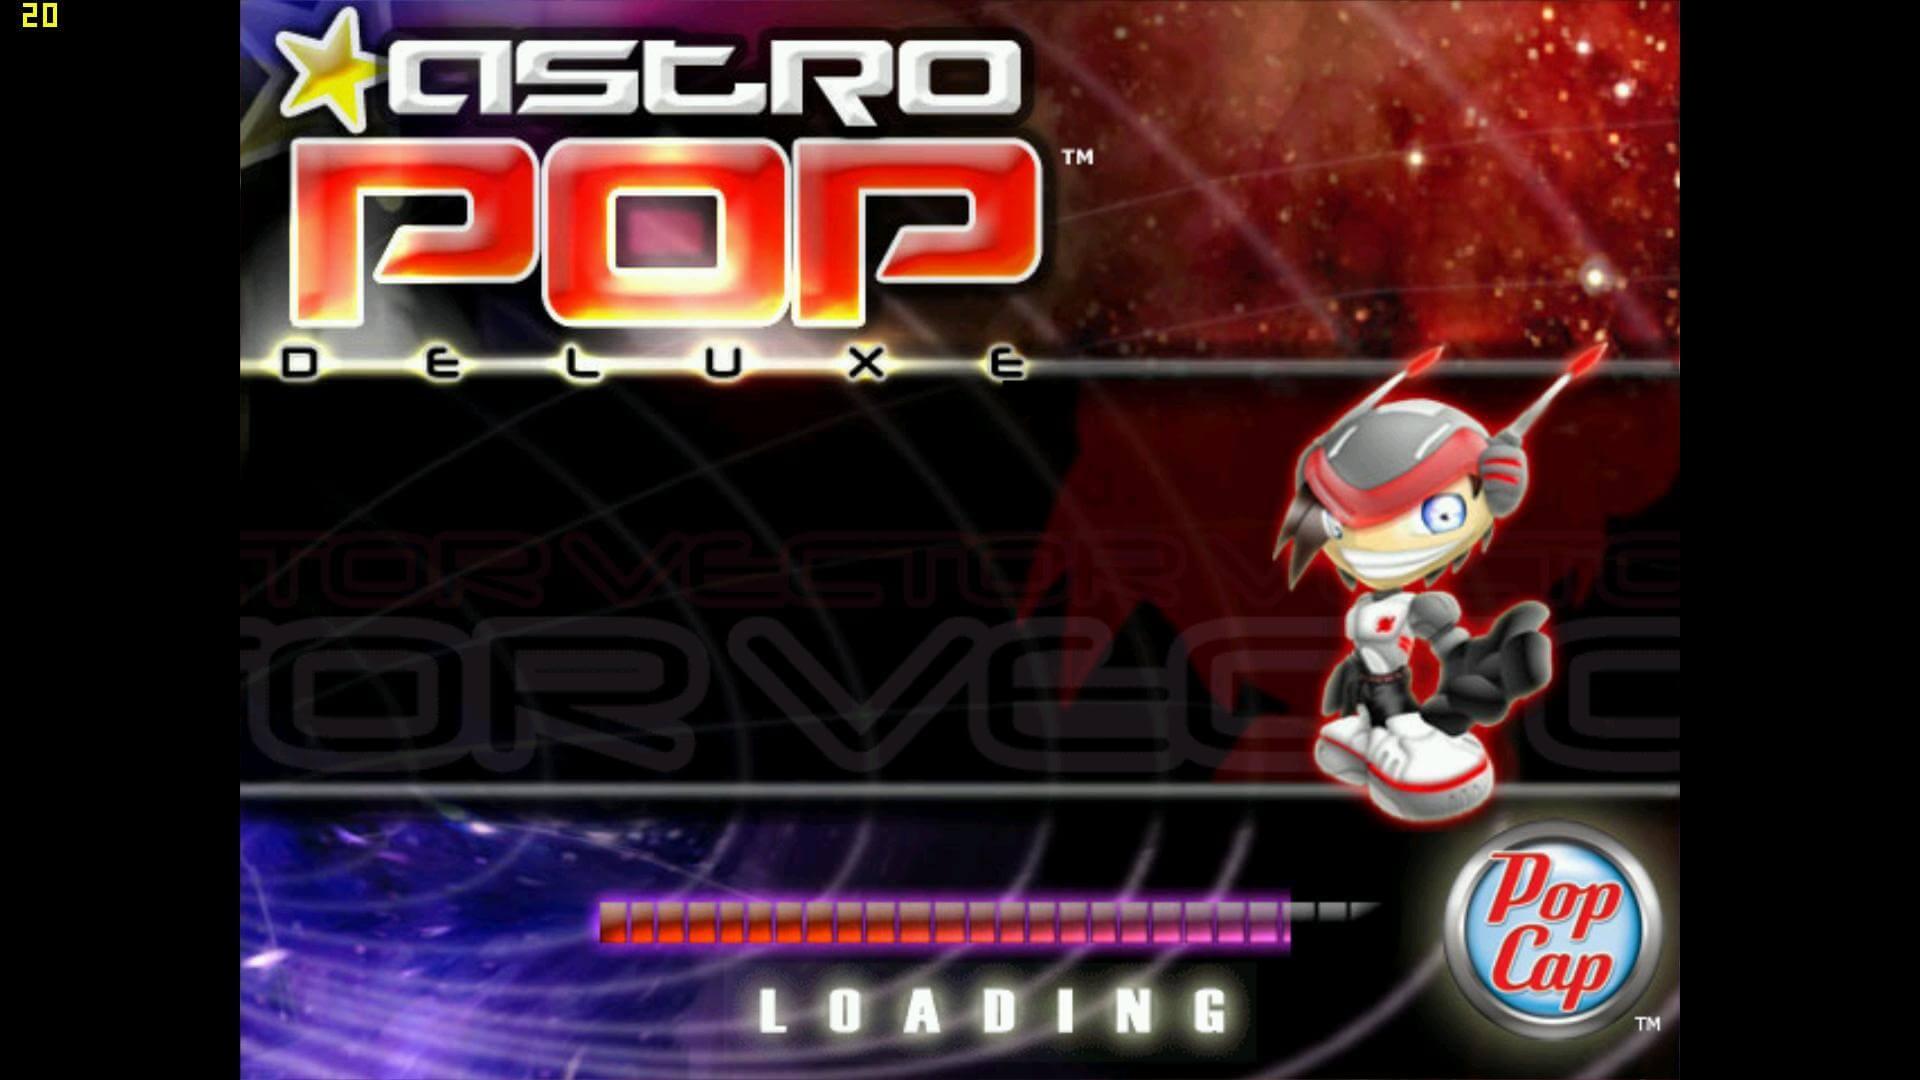 Descargar Astropop Deluxe [PC] [Portable] [1-Link] [.exe] Gratis [MEGA]